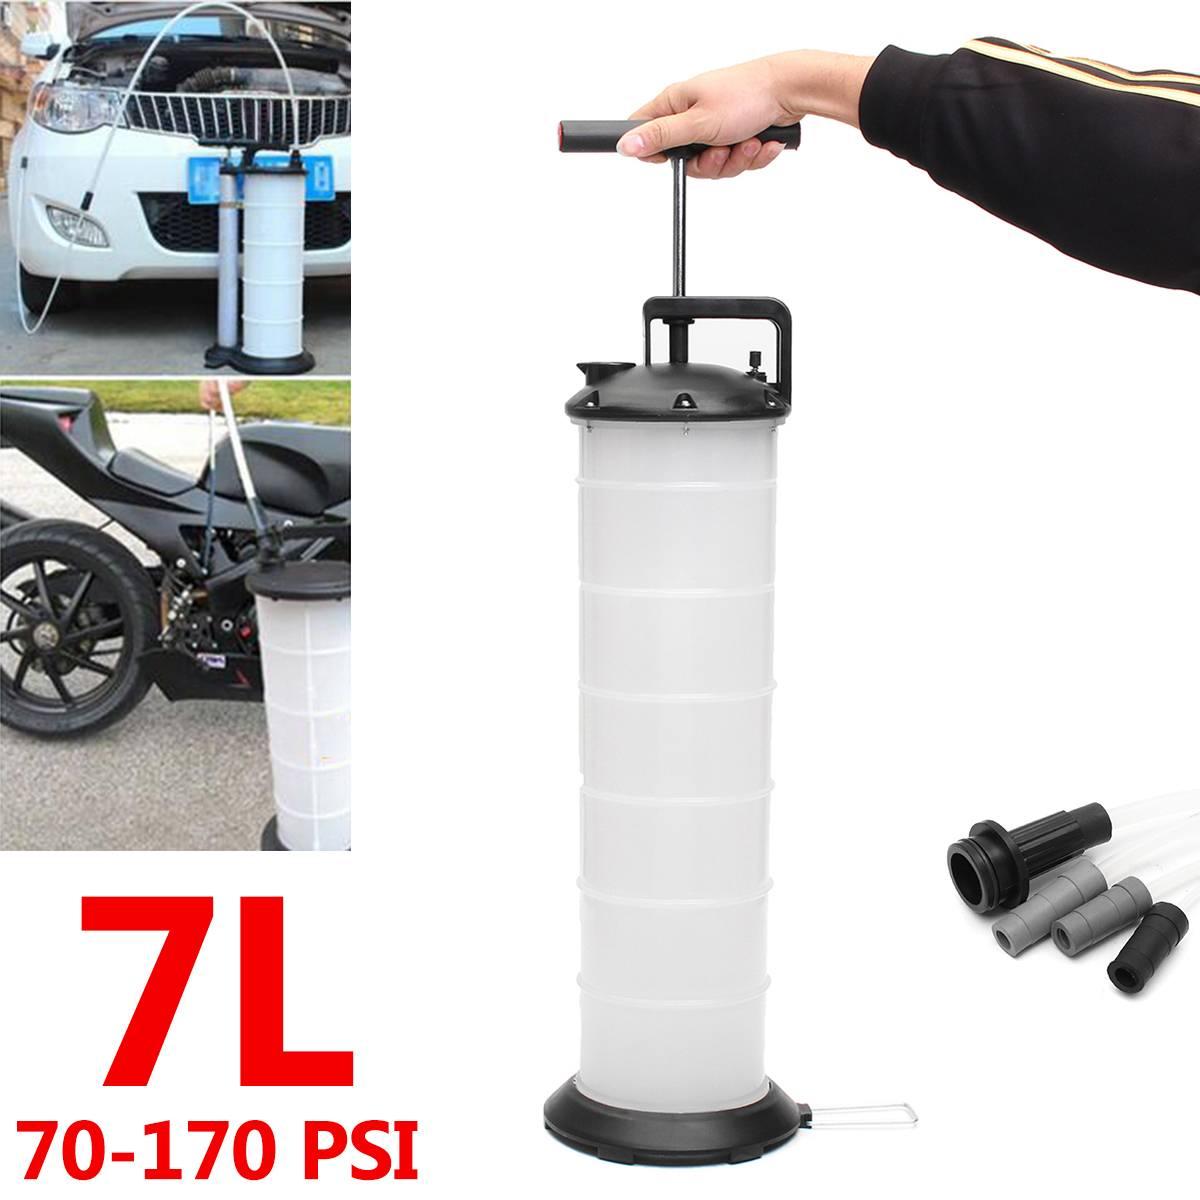 7L Manual de vacío de aceite Extractor de fluido bomba de aceite cambiador de líquido contenedor de combustible de barco de coche tanque de transferencia de gasolina herramientas de mano removedor